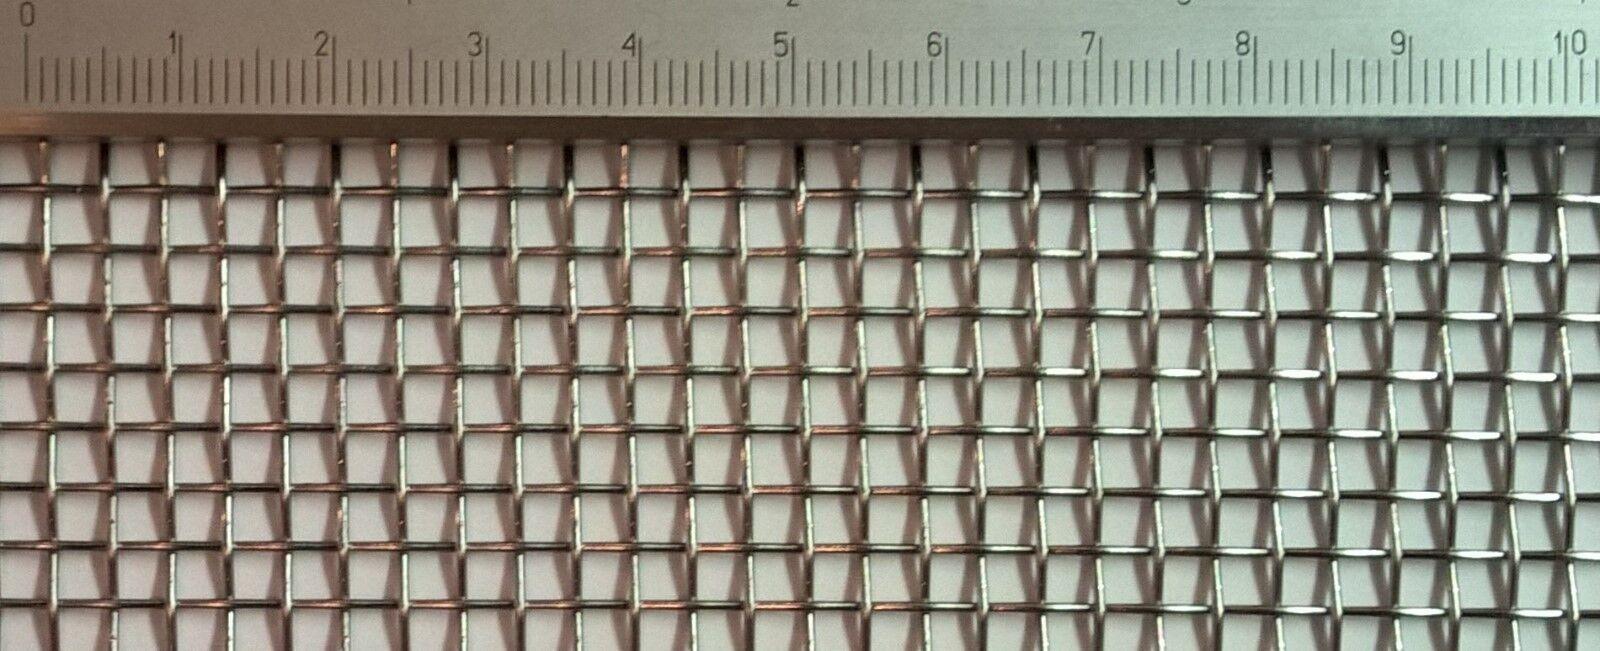 Edelstahl Drahtgewebe mit  3,1mm Maschenweite, 0,8mm Drahtstärke, 30cm x 30cm